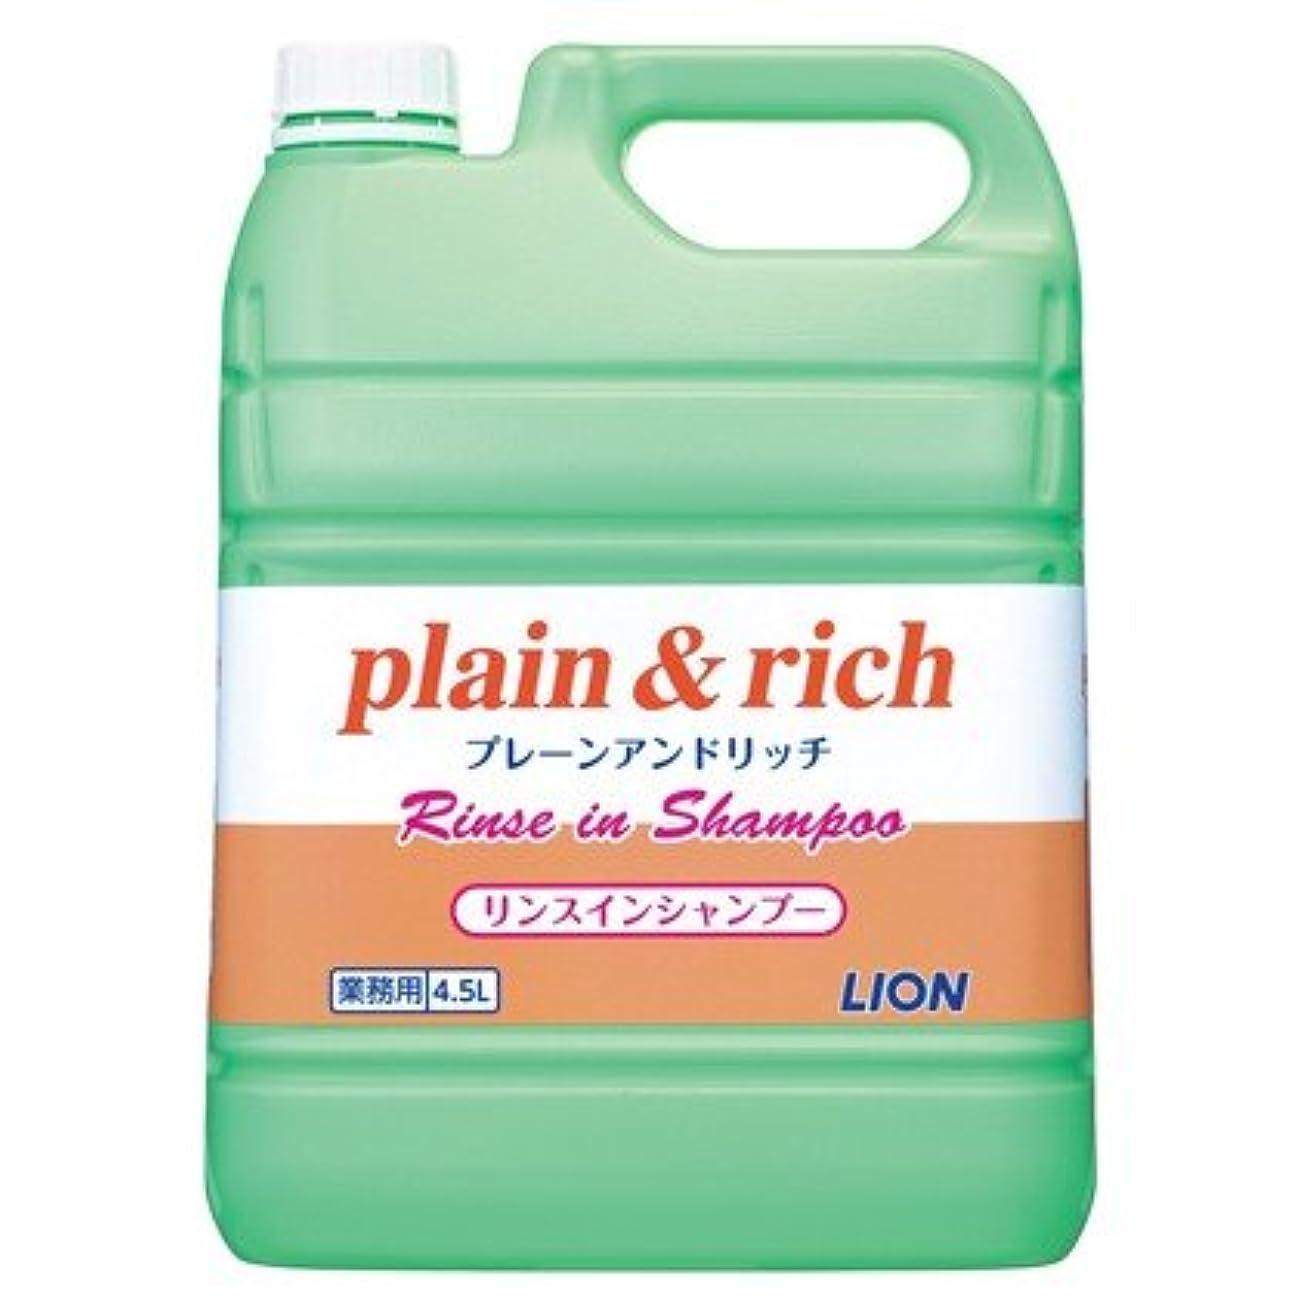 私ラメペインティングライオン プレーン&リッチ リンスインシャンプー 4.5L×3本入●ケース販売お徳用